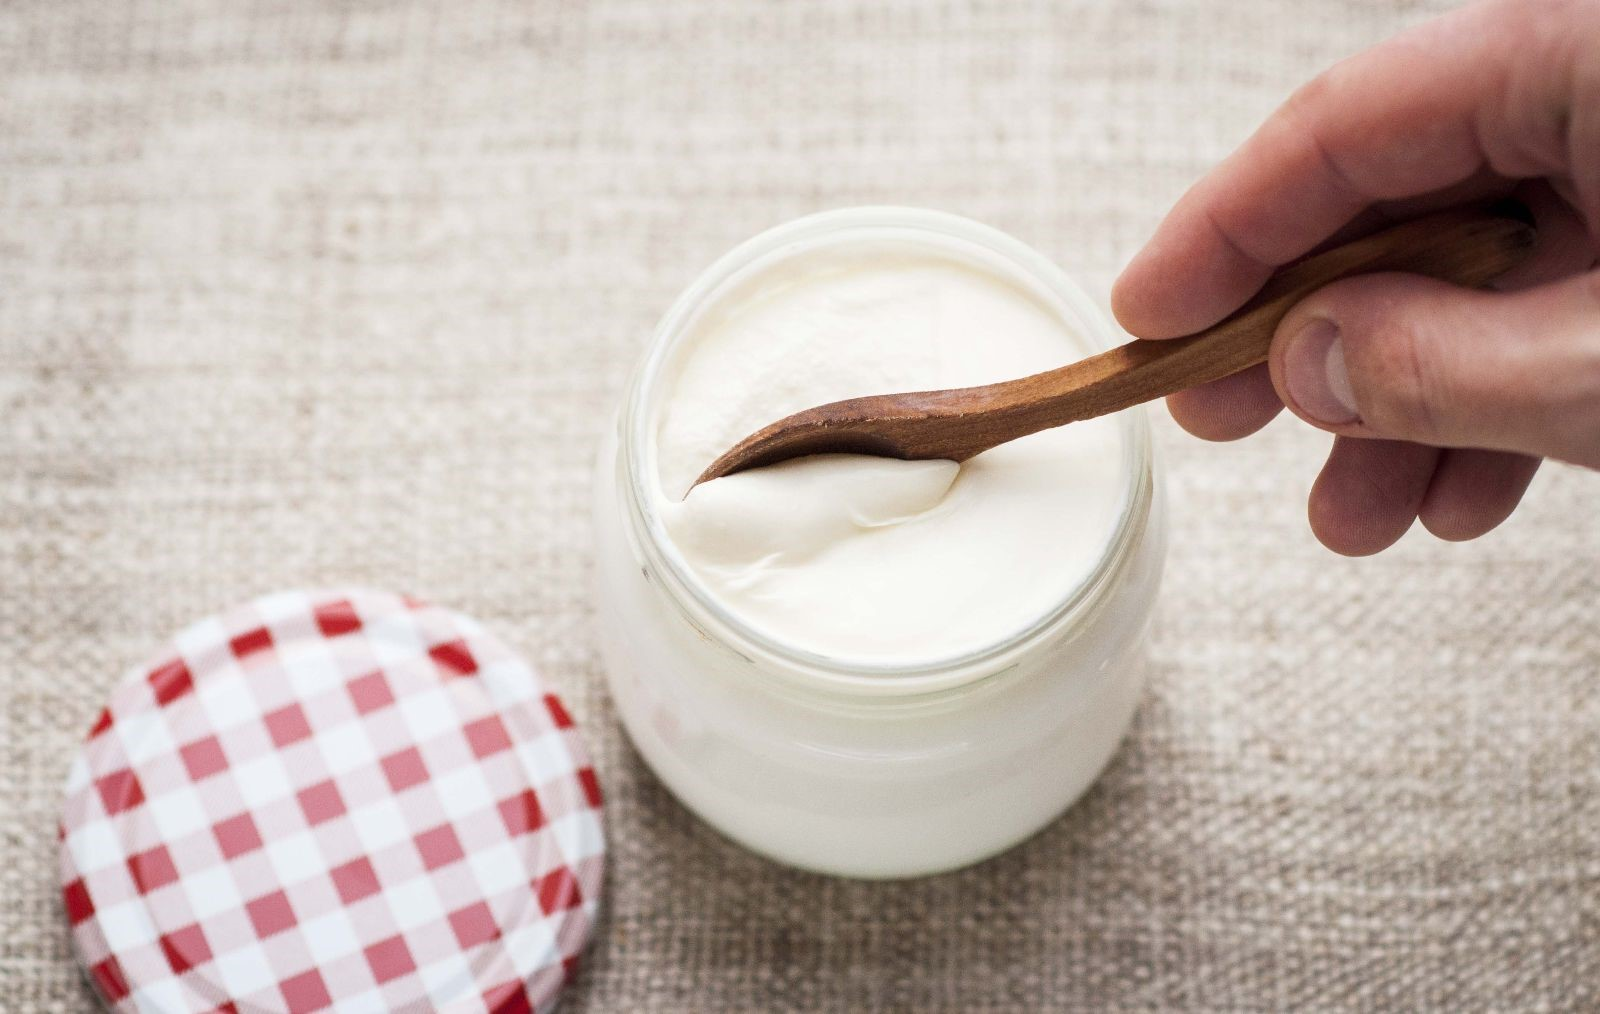 6 Thực phẩm giảm mỡ vòng bụng nếu ăn thường xuyên